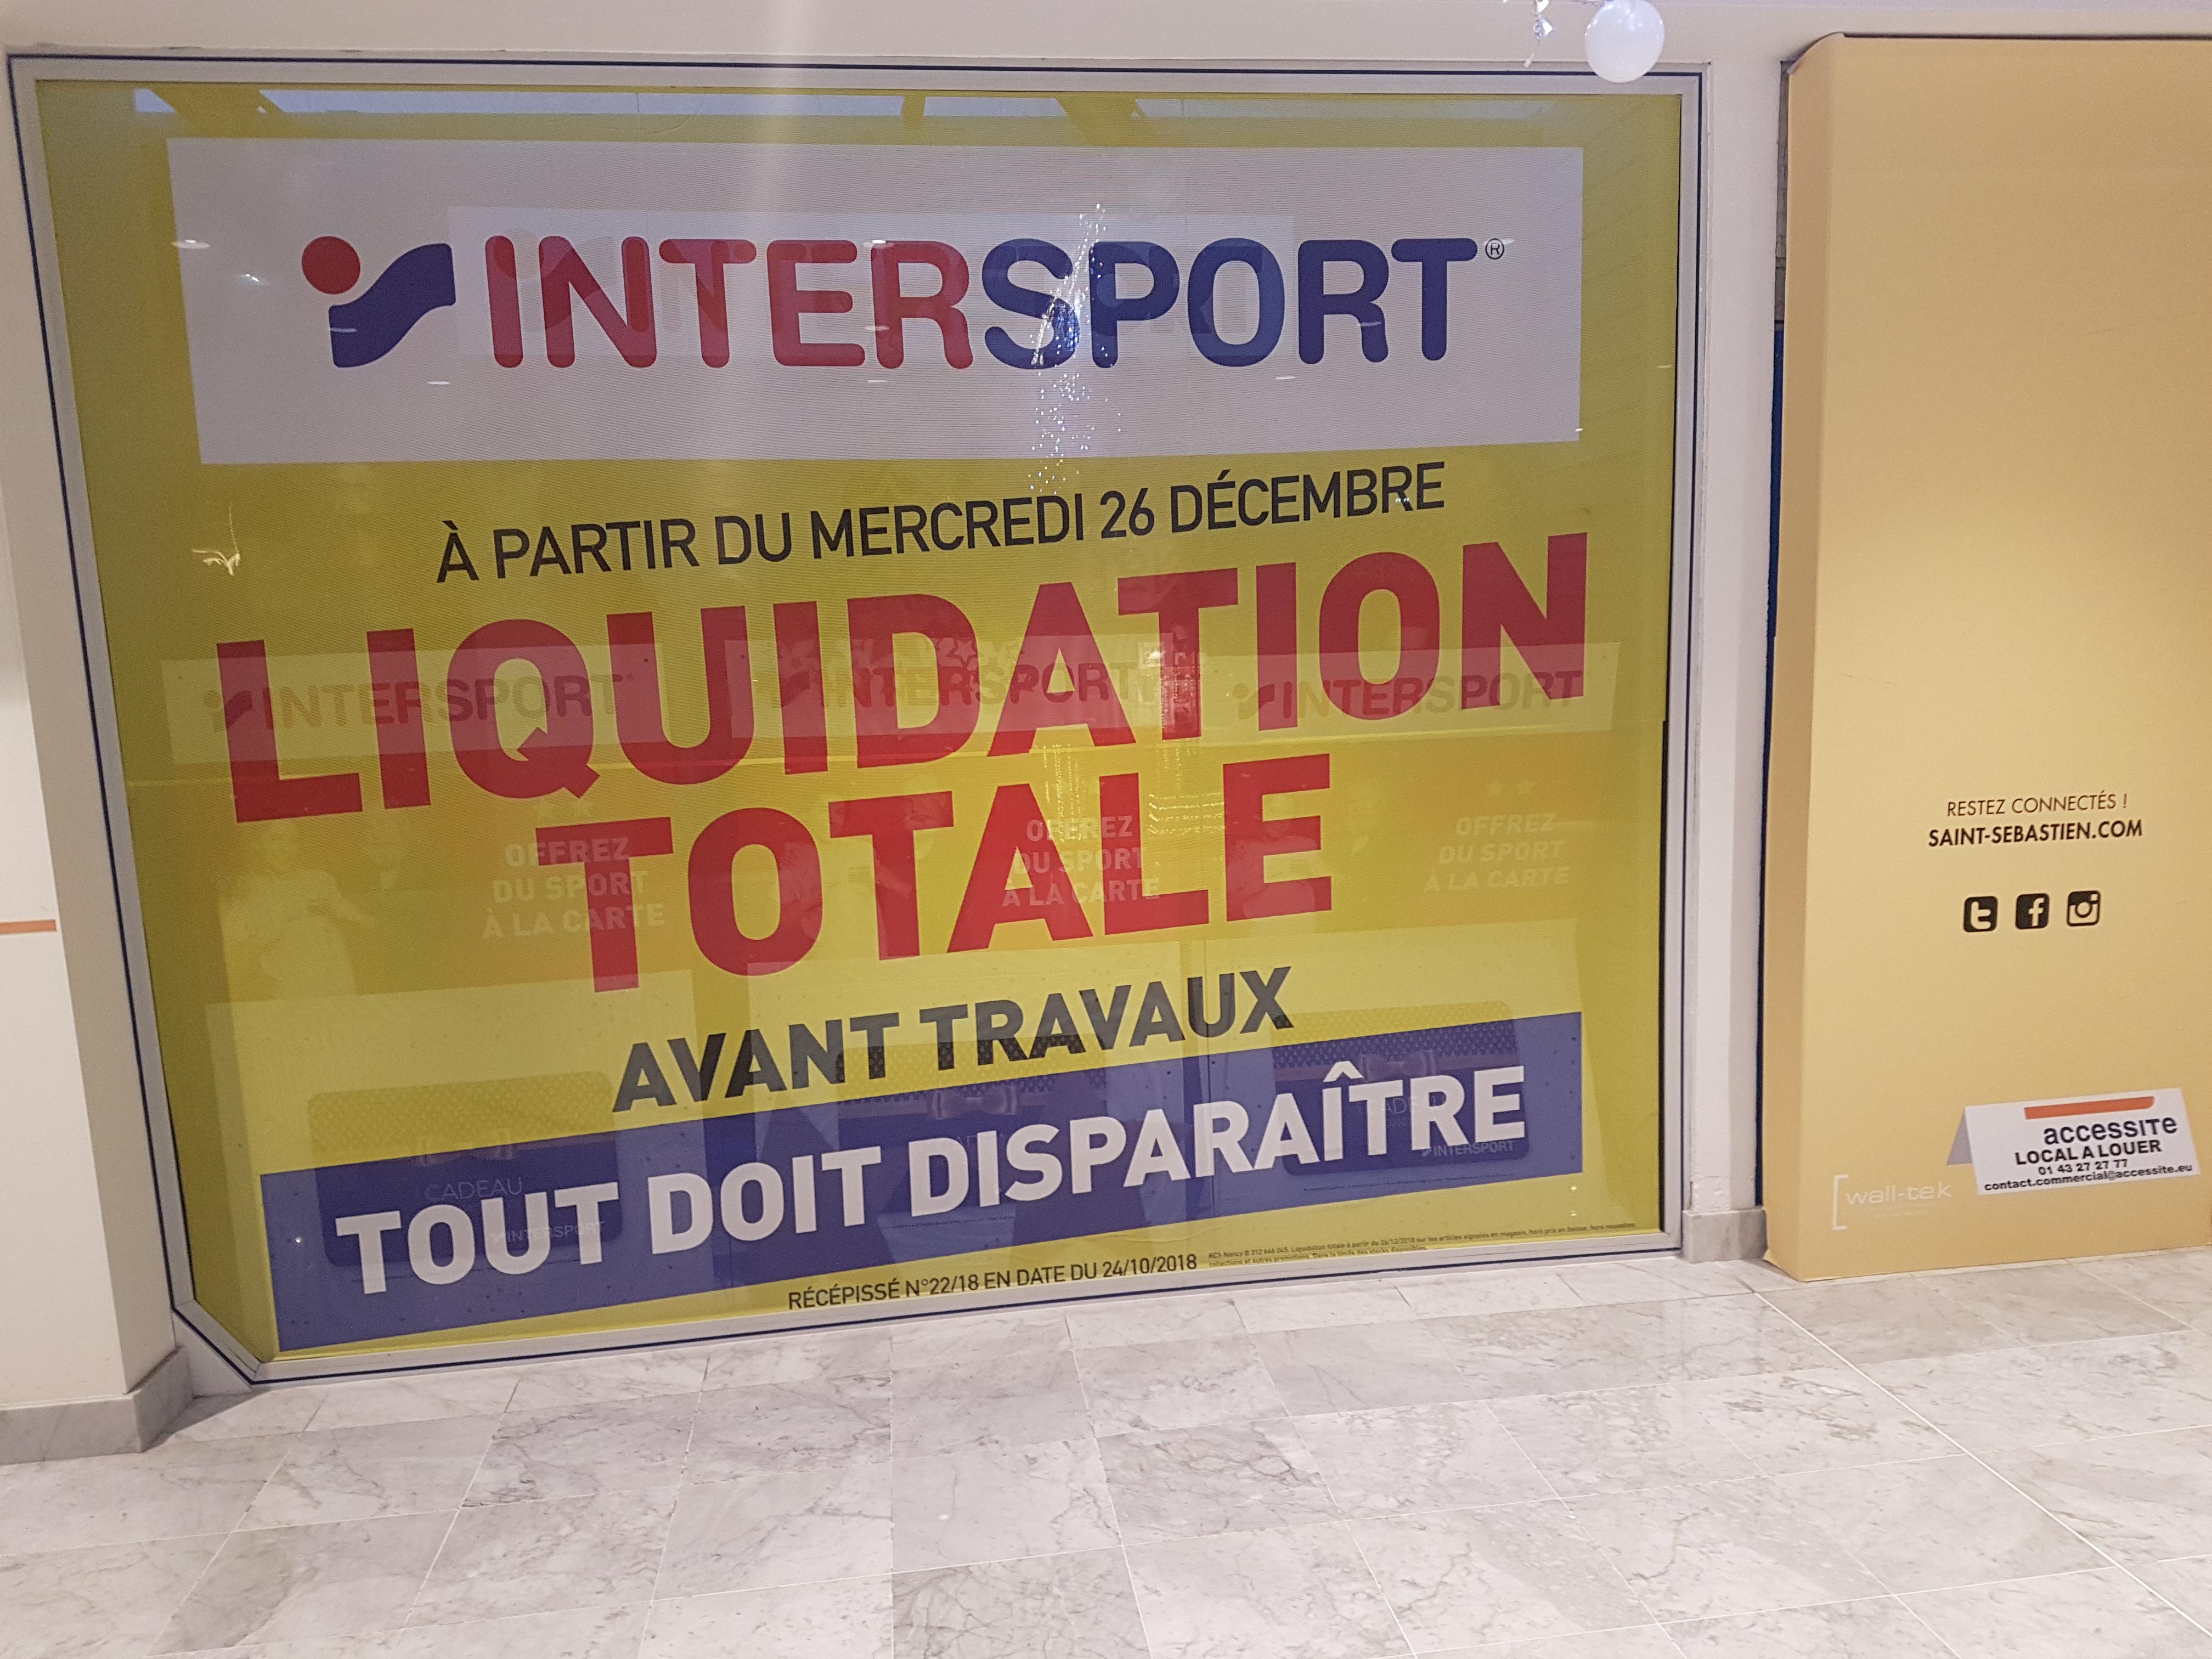 De Magasin Tout Le Réduction Jusqu'à Intersport Sur liquidation 70 5wUxqC6Yn1